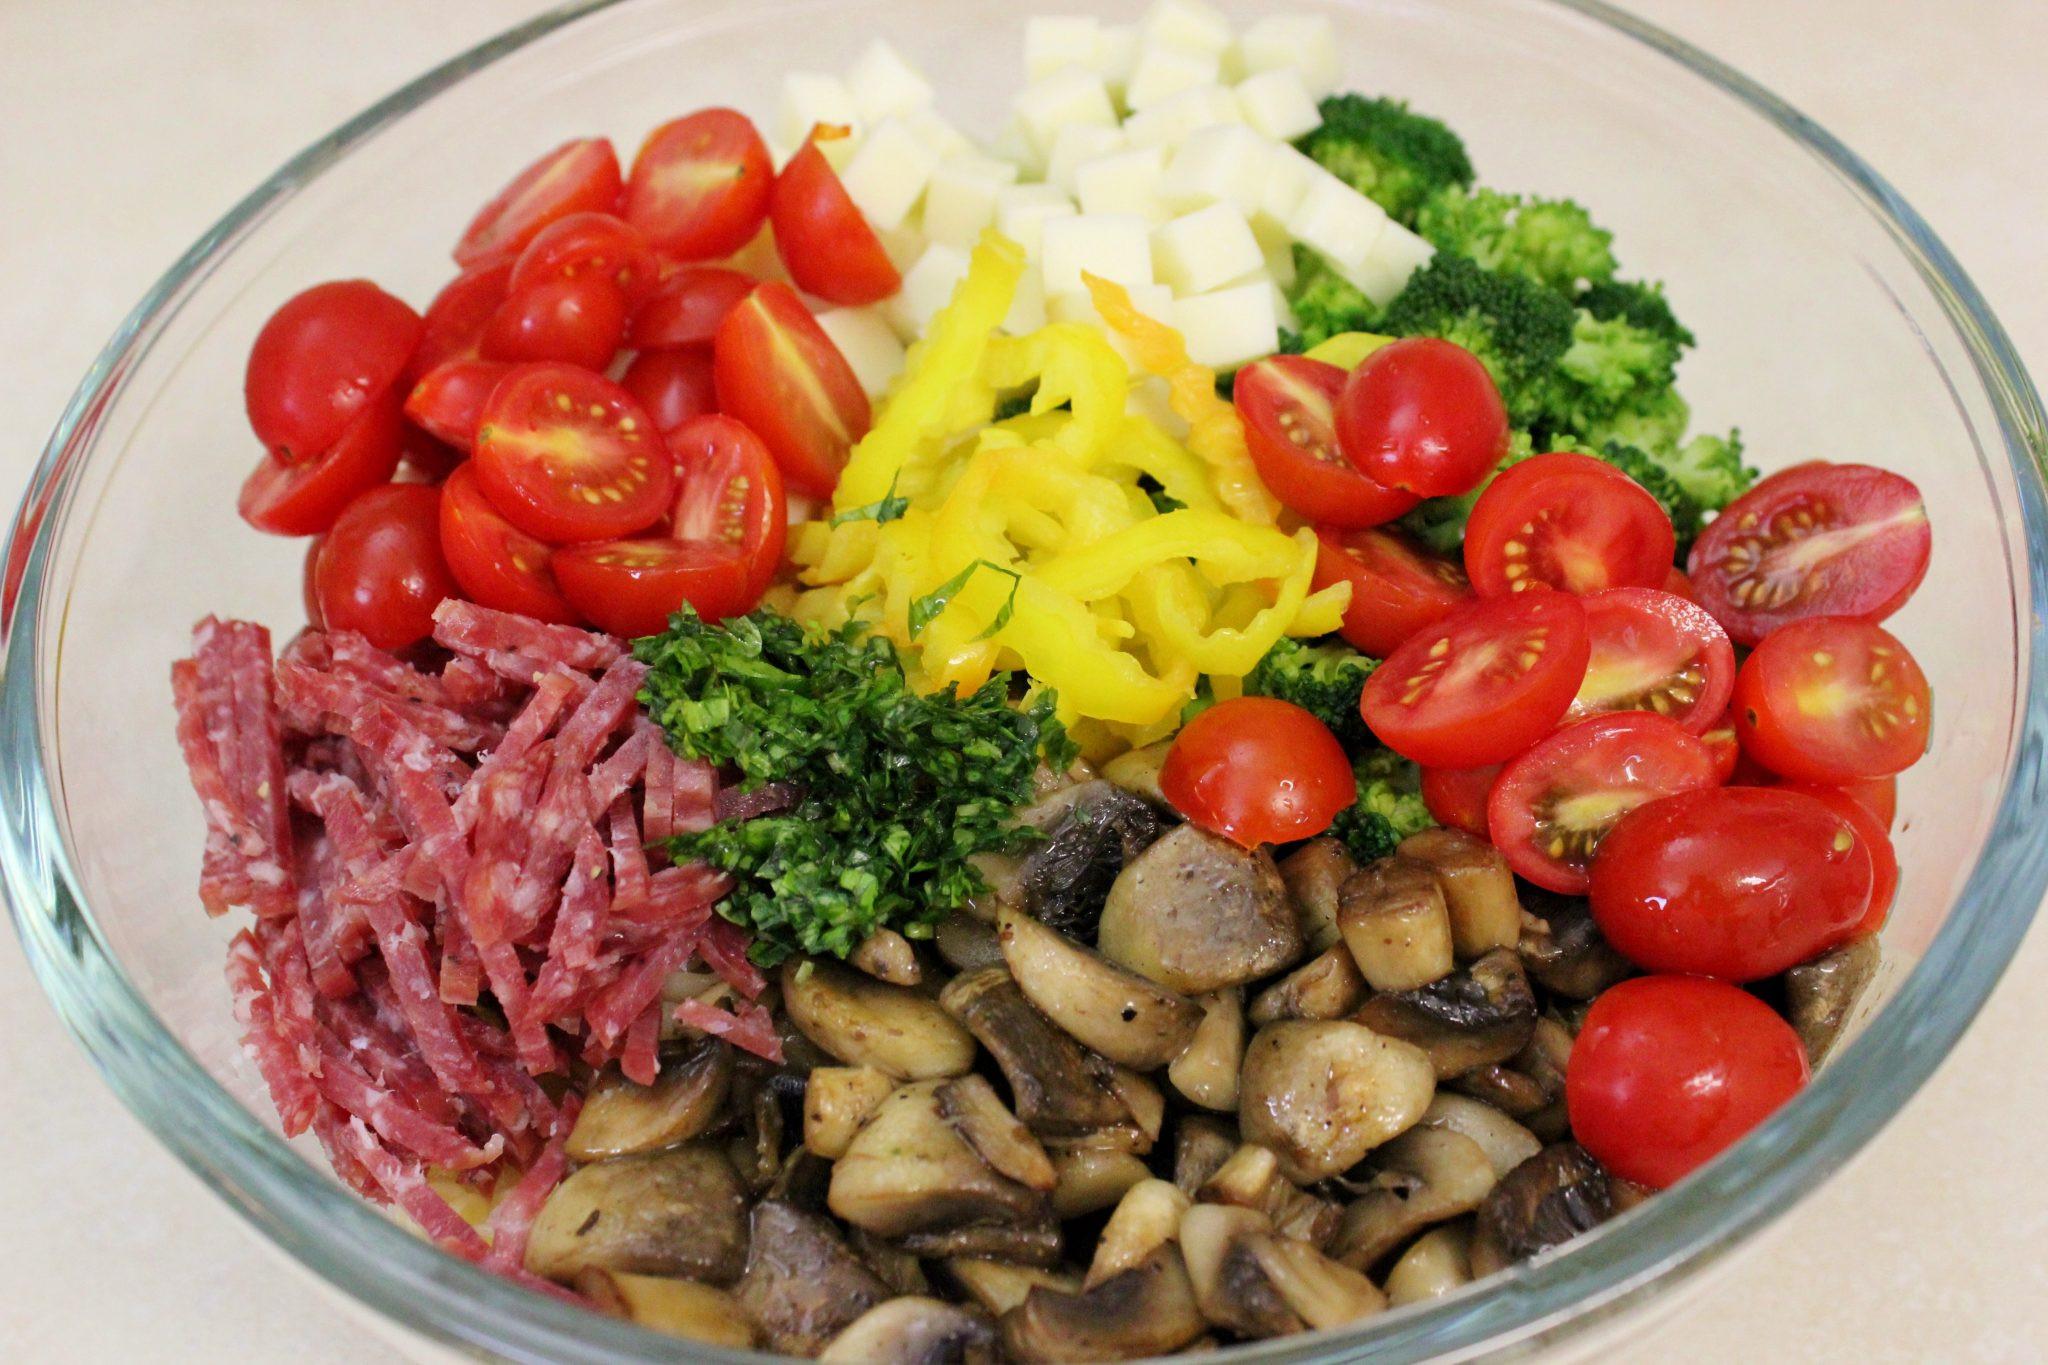 Antipasto Pasta Salad  Antipasto Pasta Salad Olga s Flavor Factory